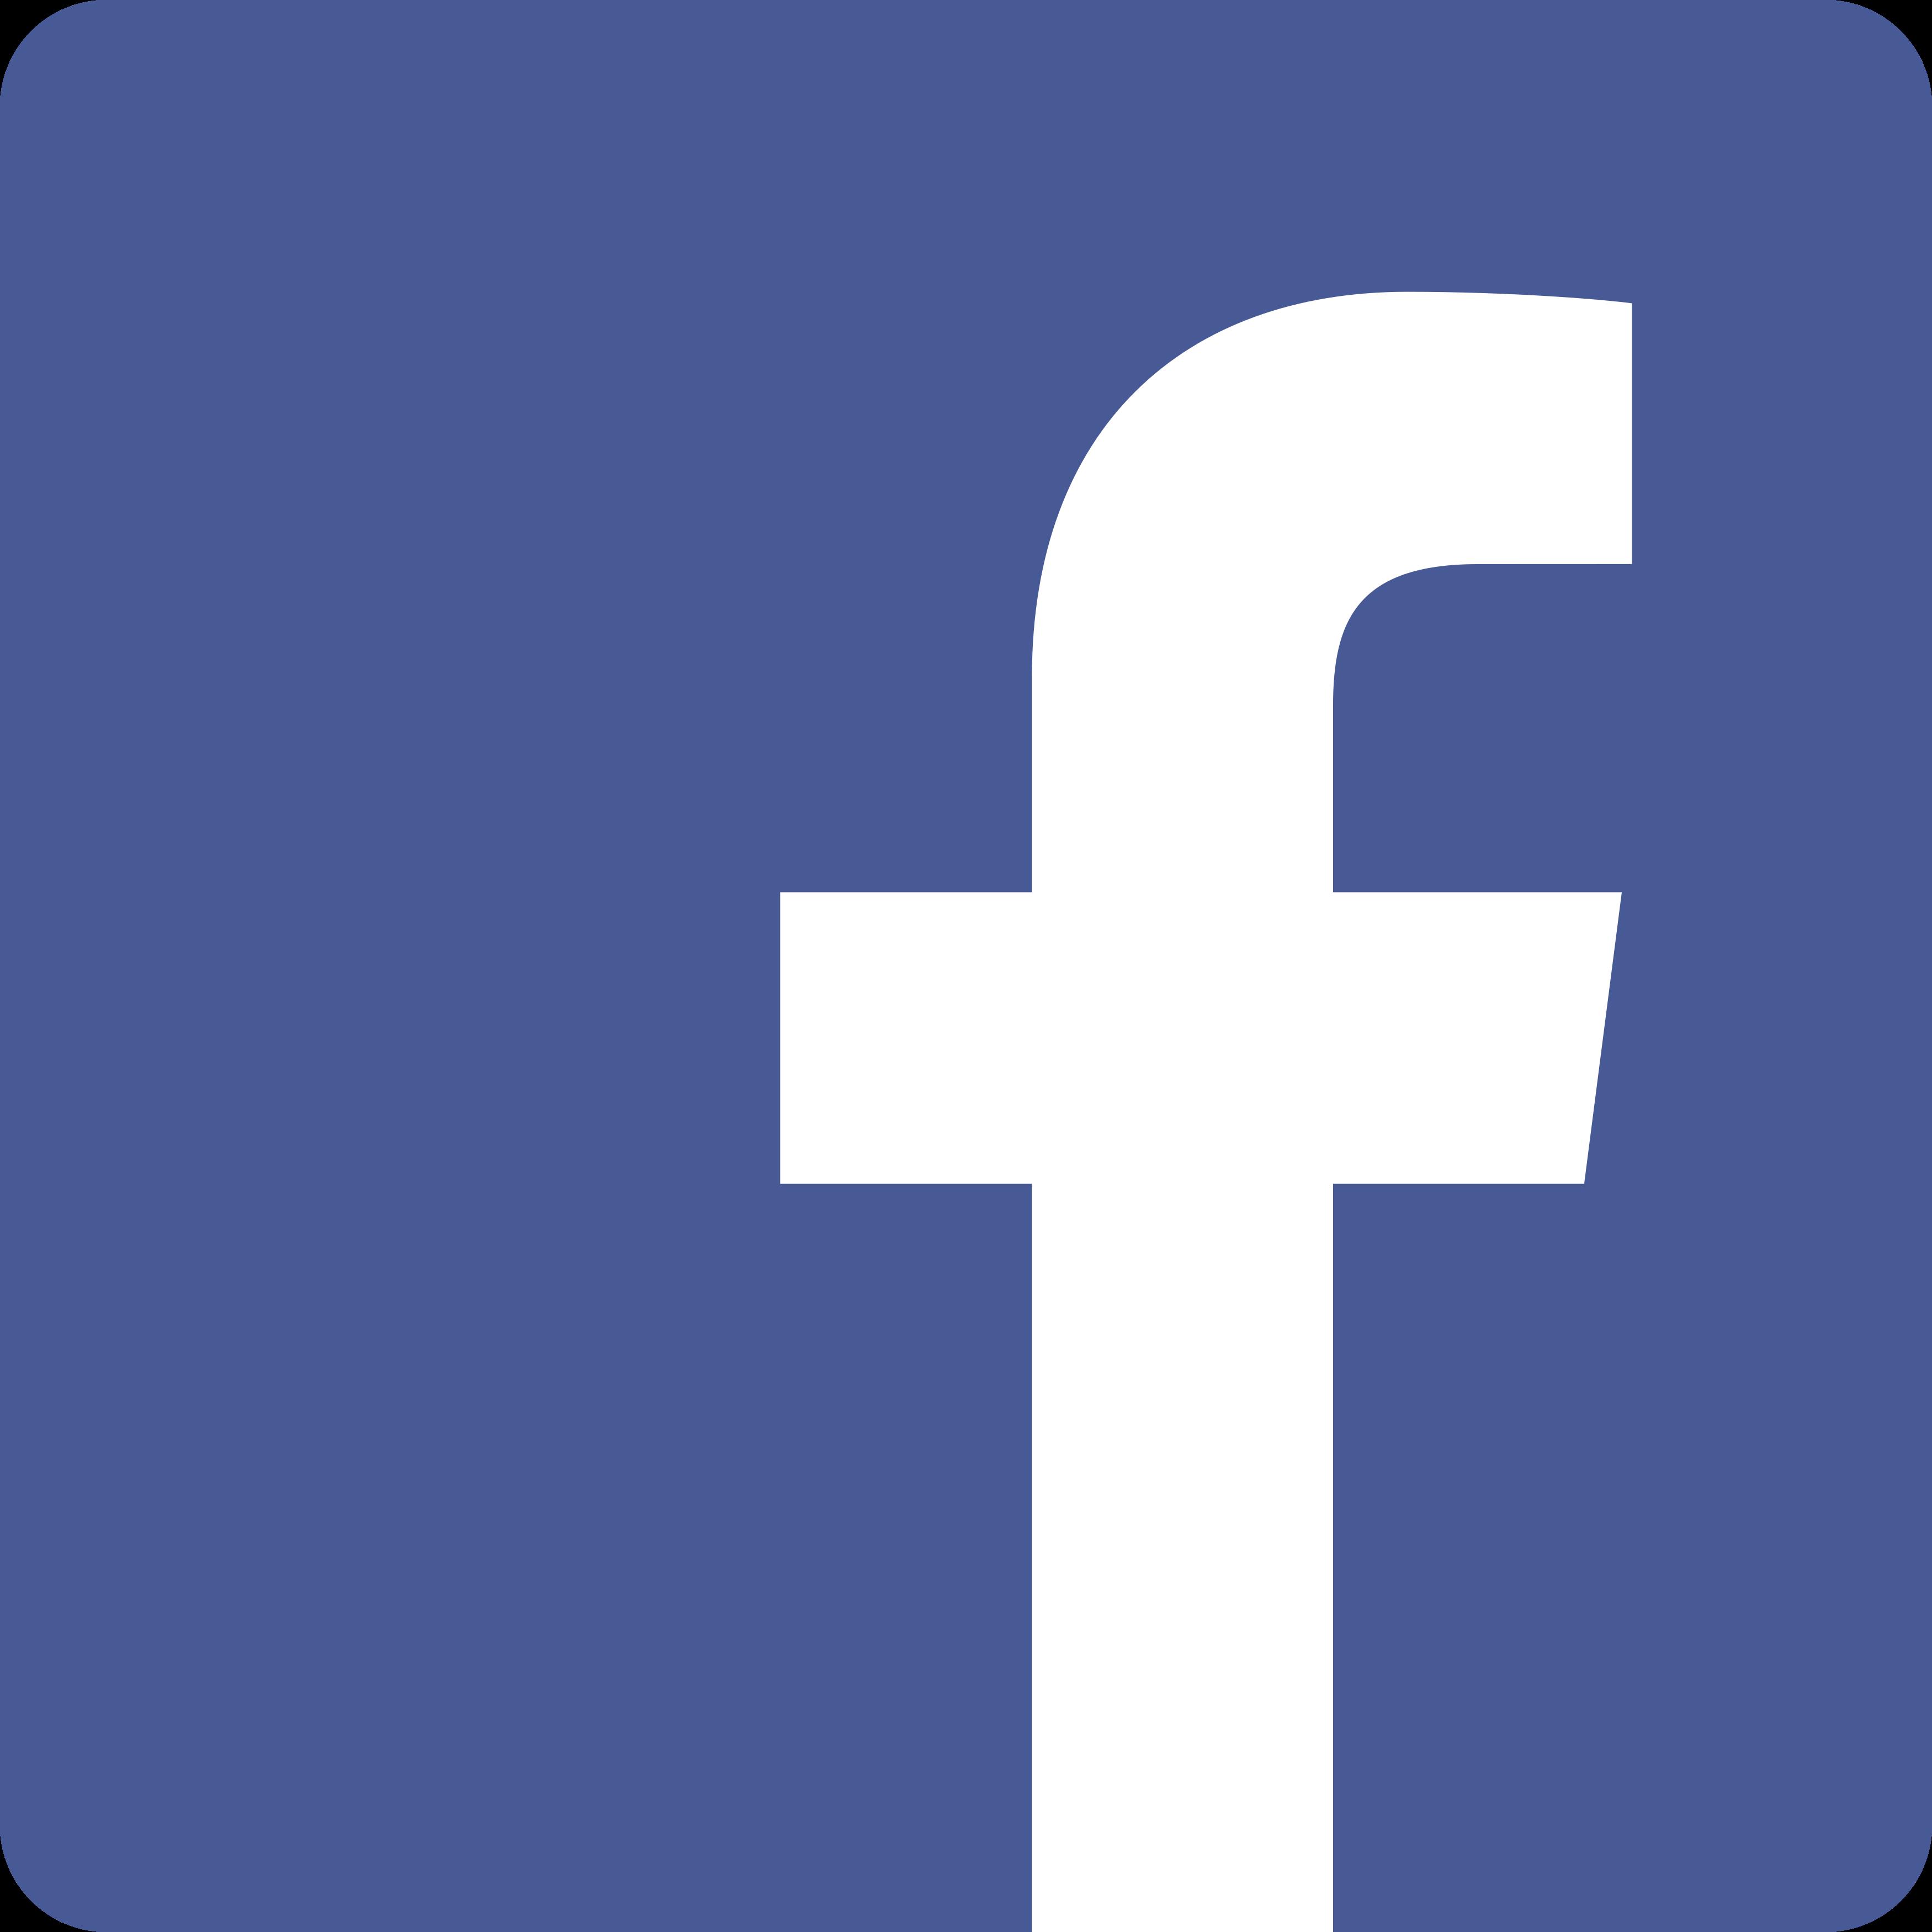 facebook logo 2 1 - Facebook Logo